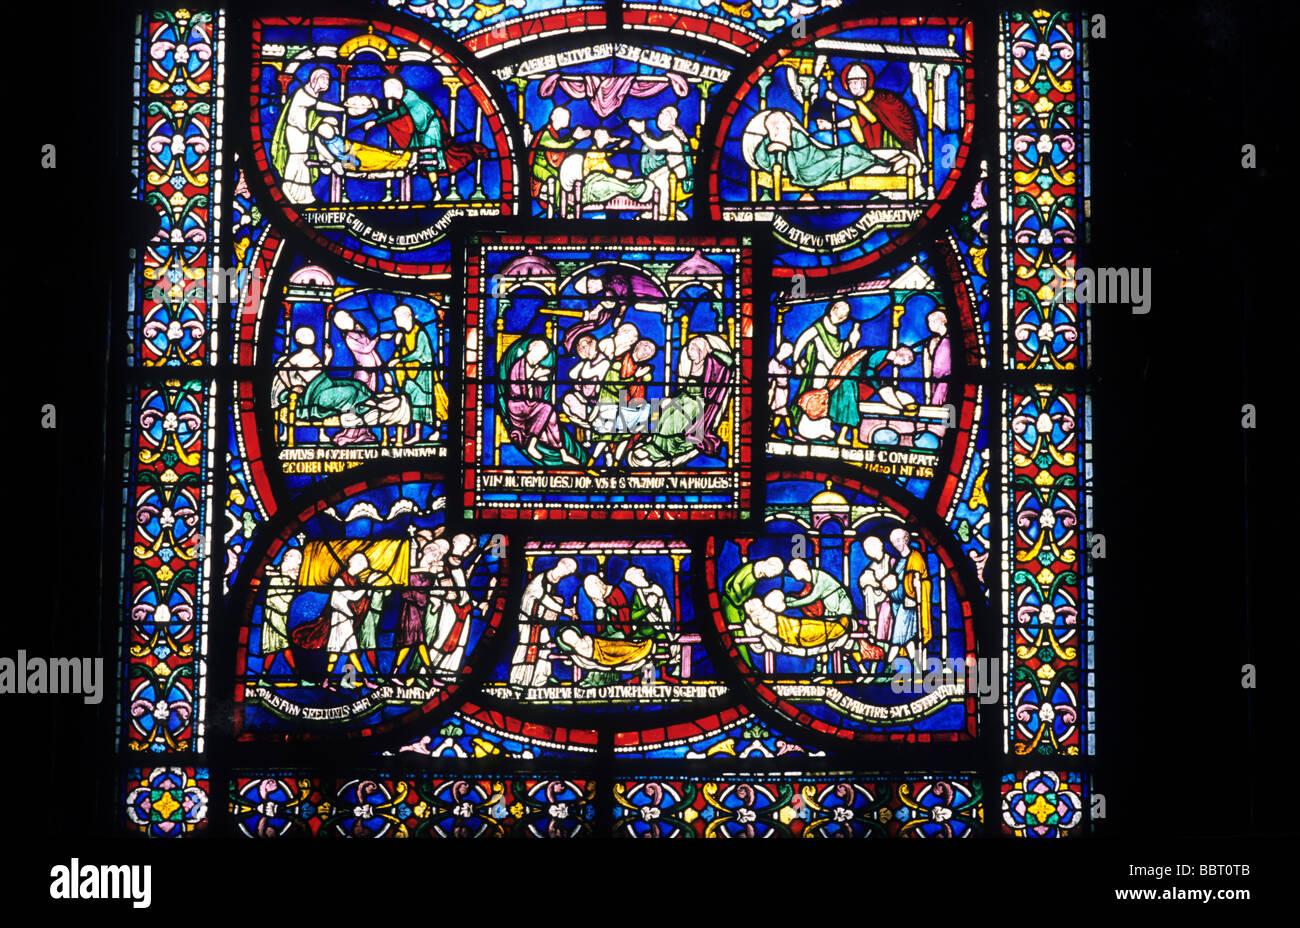 https://c8.alamy.com/compde/bbt0tb/canterbury-kathedrale-mittelalterlichen-glasmalerei-fenster-kent-england-uk-englische-kunst-interieur-bbt0tb.jpg